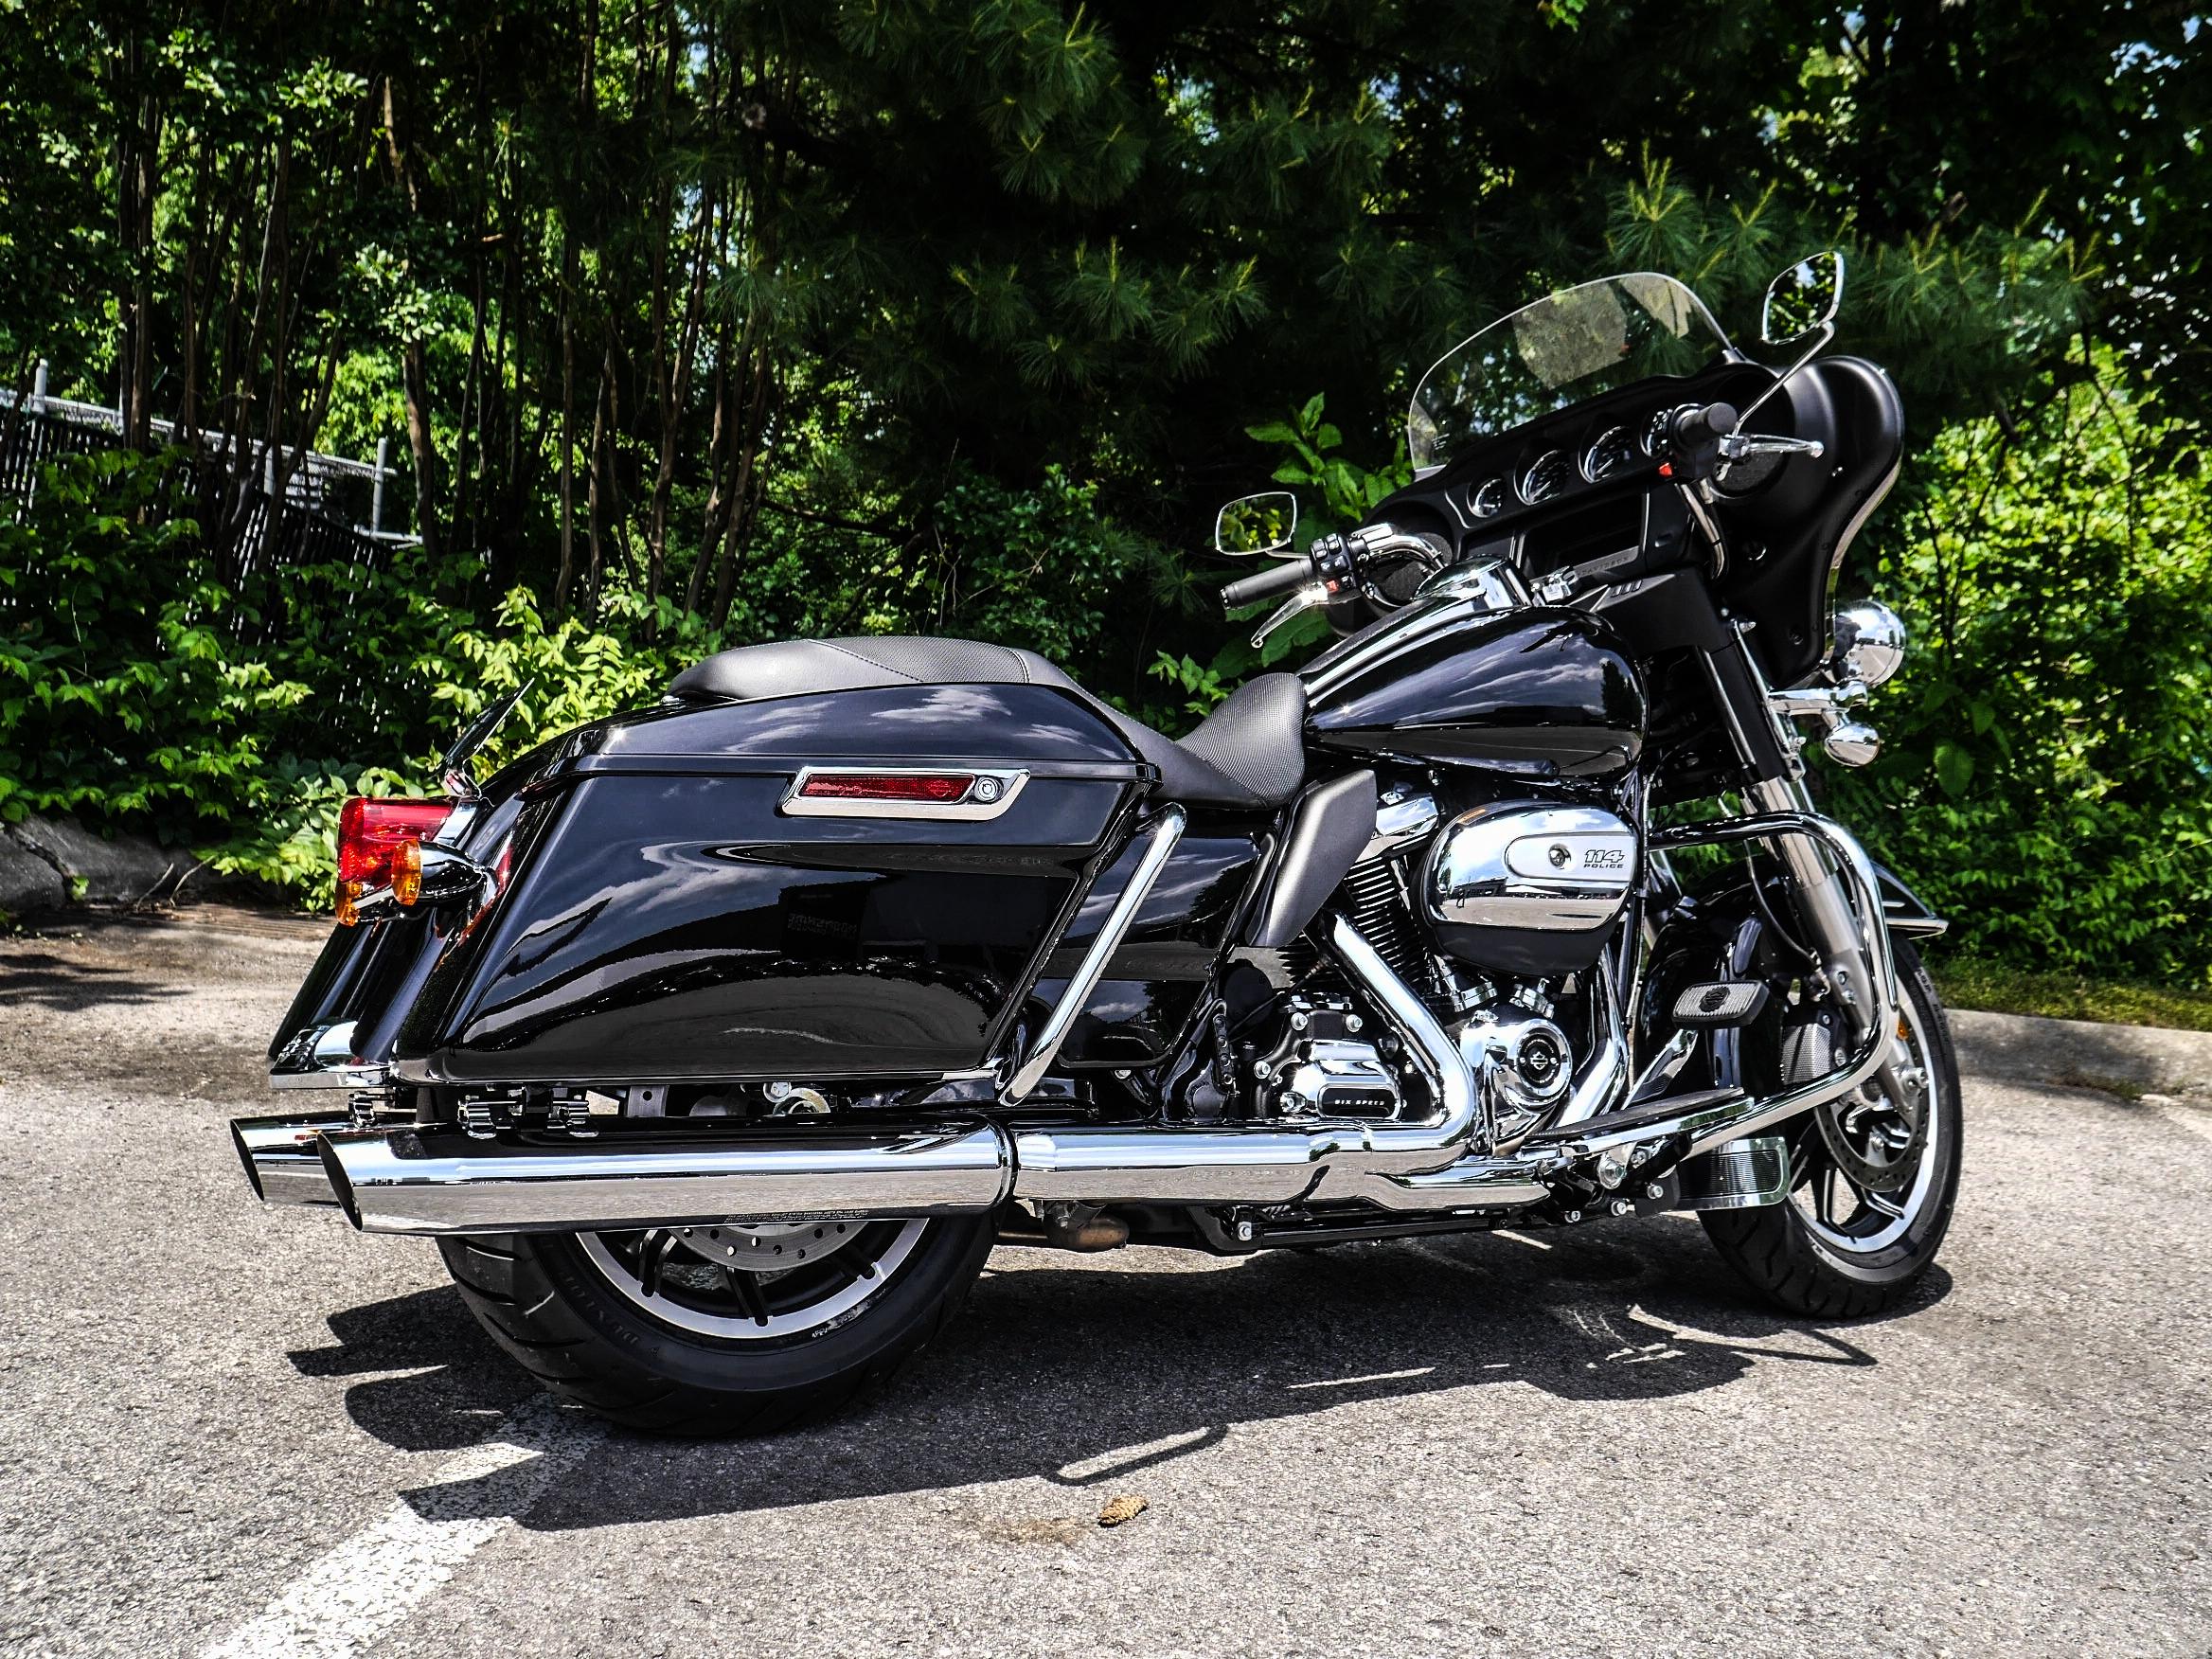 New 2020 Harley-Davidson Electra Glide Police in Franklin ...